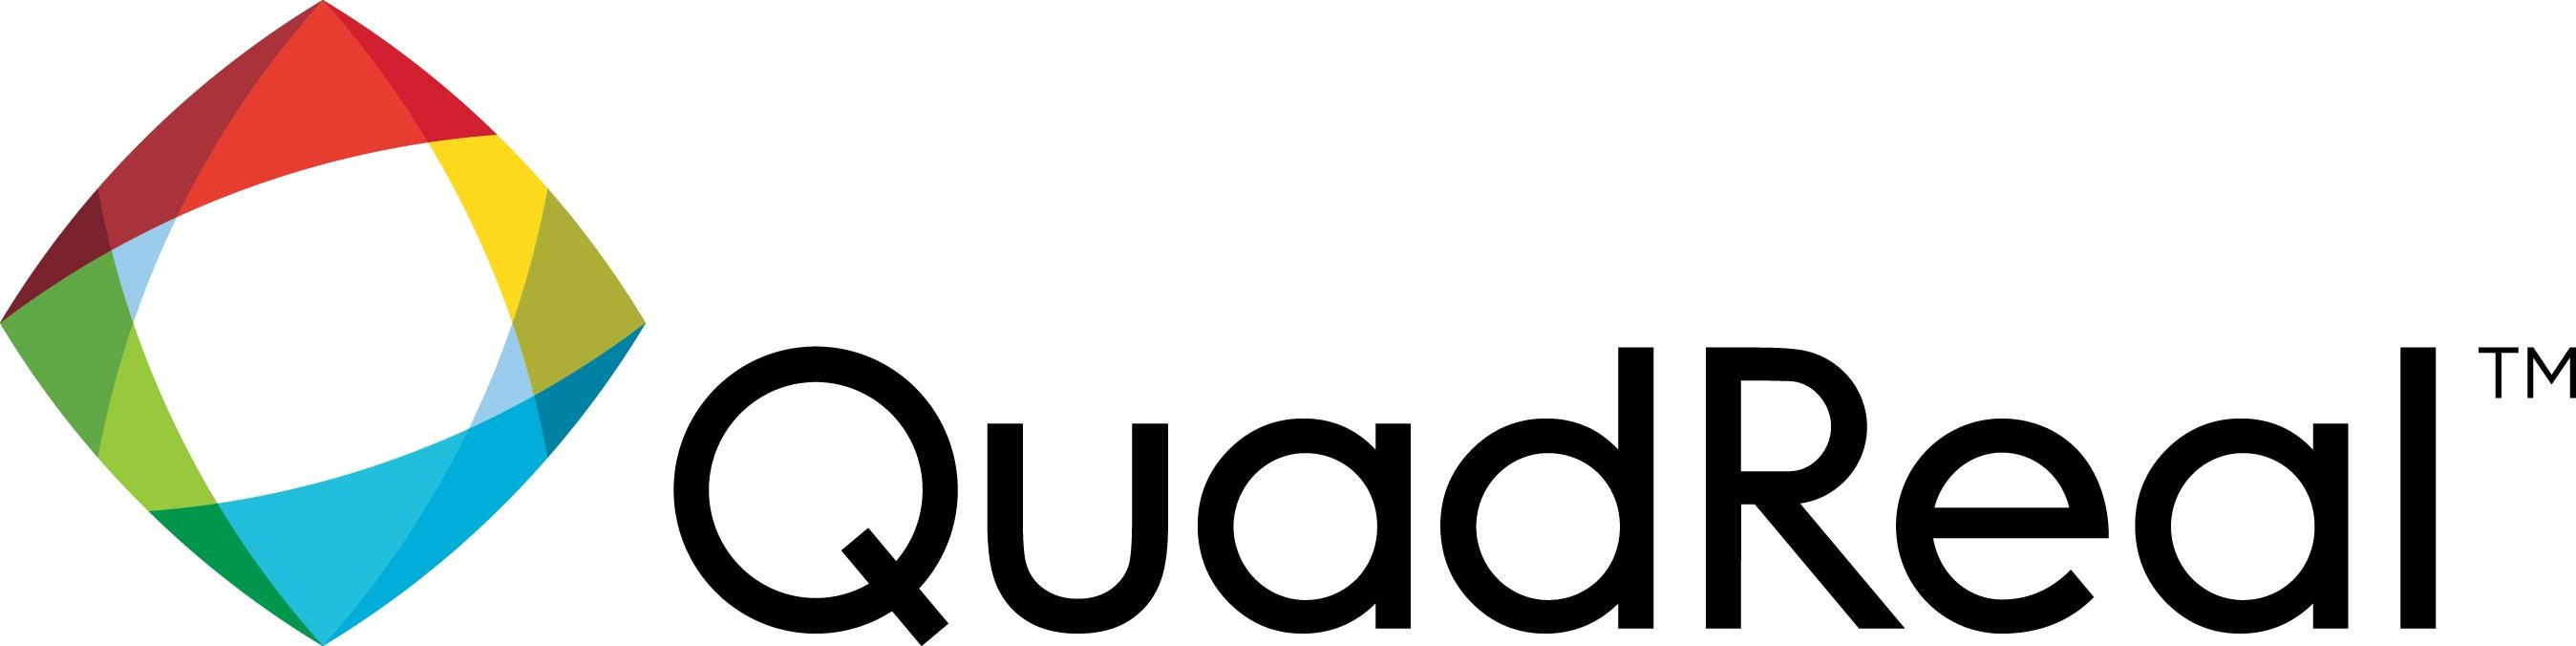 QuadReal Announces Closing of $400 Million Senior Note Offering